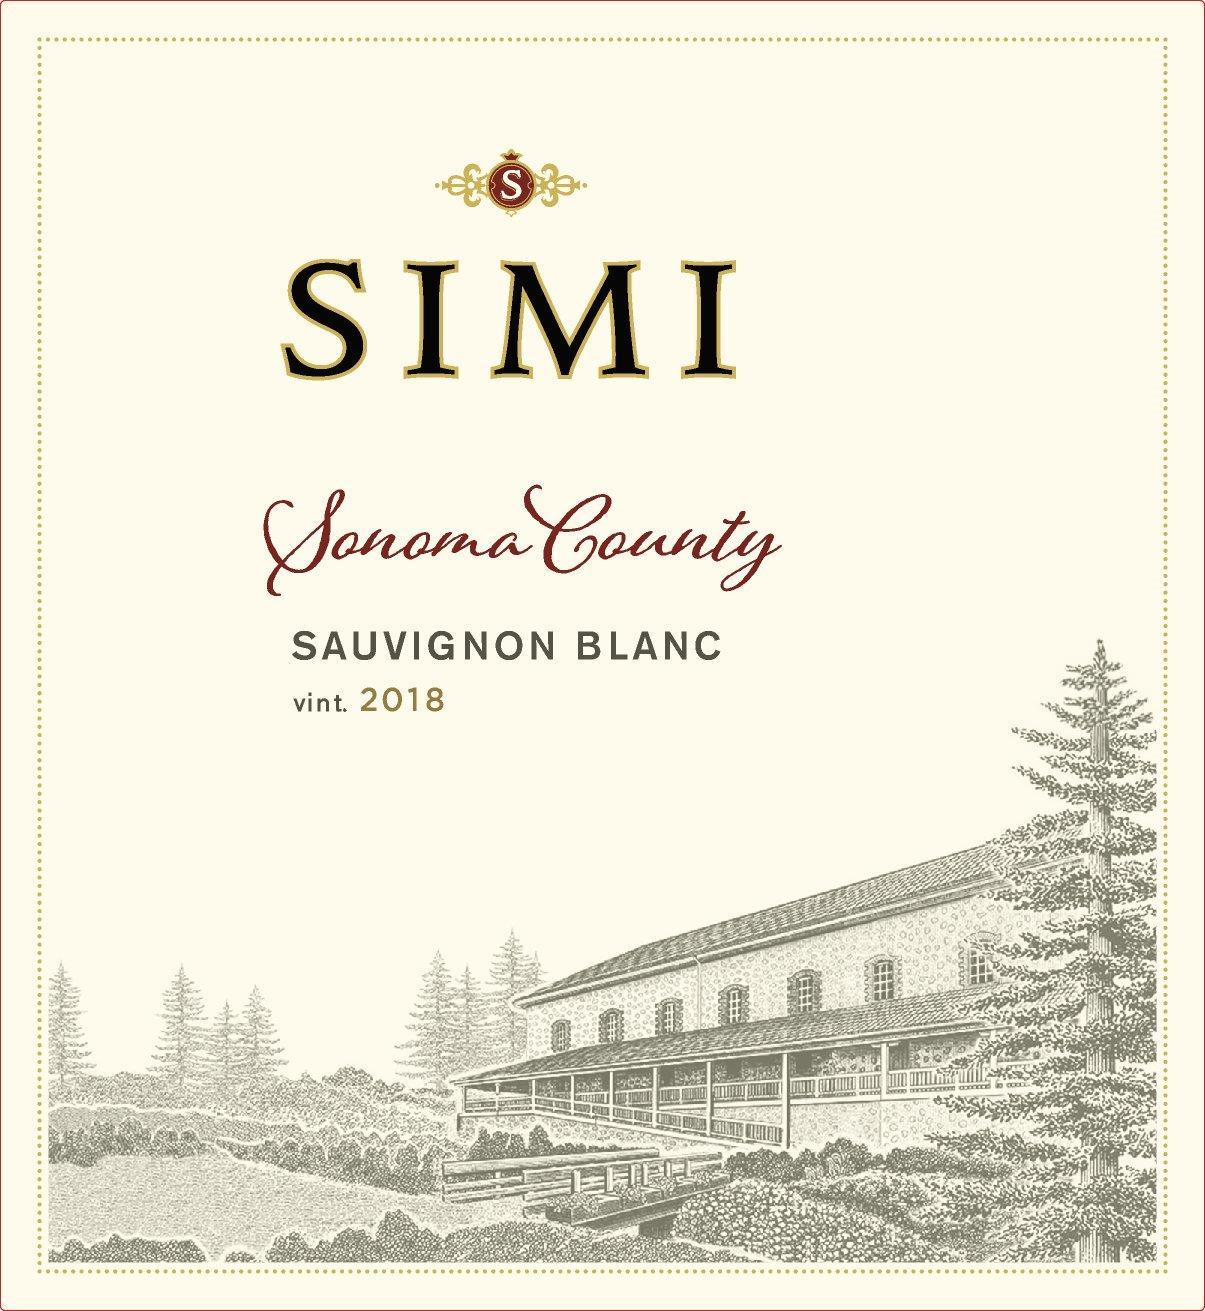 Simi Winery Sauvignon Blanc Sonoma County